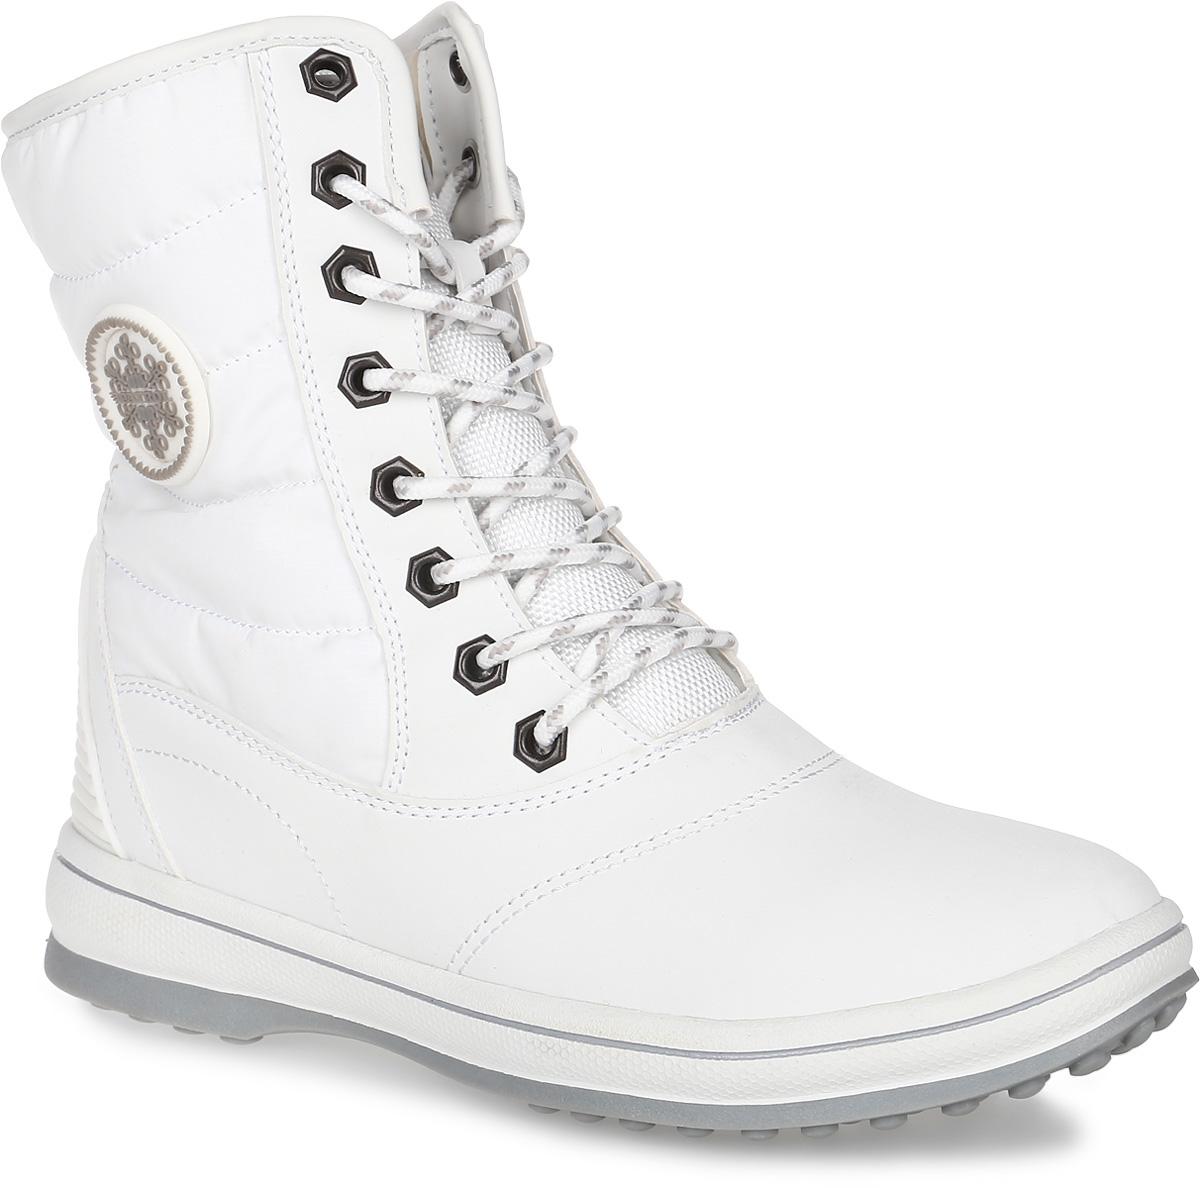 Ботинки женские Patrol, цвет: белый. 232-700PIM-17w-04-10. Размер 39232-700PIM-17w-04-10Женские ботинки от Patrol выполнены из комбинации искусственного нубука. Подкладка, исполненная из искусственного меха, сохранит ваши ноги в тепле. Съемная стелька EVA с поверхностью из искусственного меха обеспечивает отличную амортизацию и максимальный комфорт. Шнуровка позволяет оптимально зафиксировать модель на ноге. Резиновая подошва обеспечит надежное сцепление на любых поверхностях.